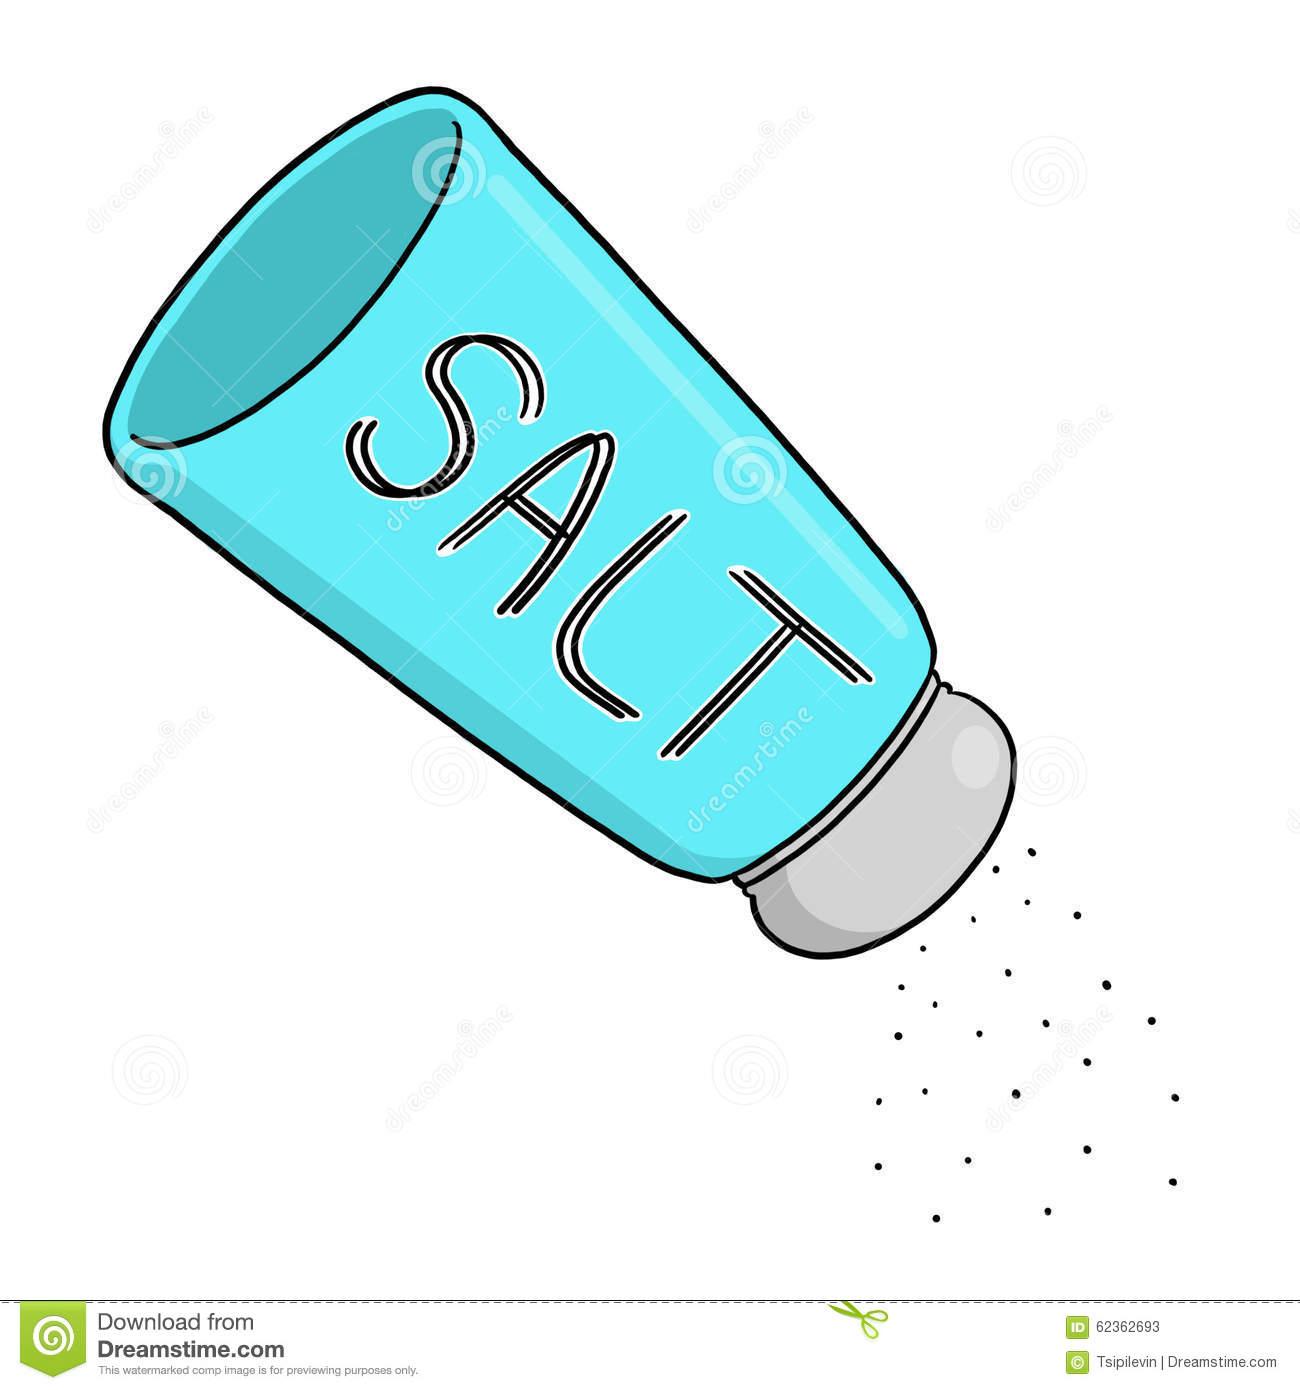 Salt Shaker Clipart Free.